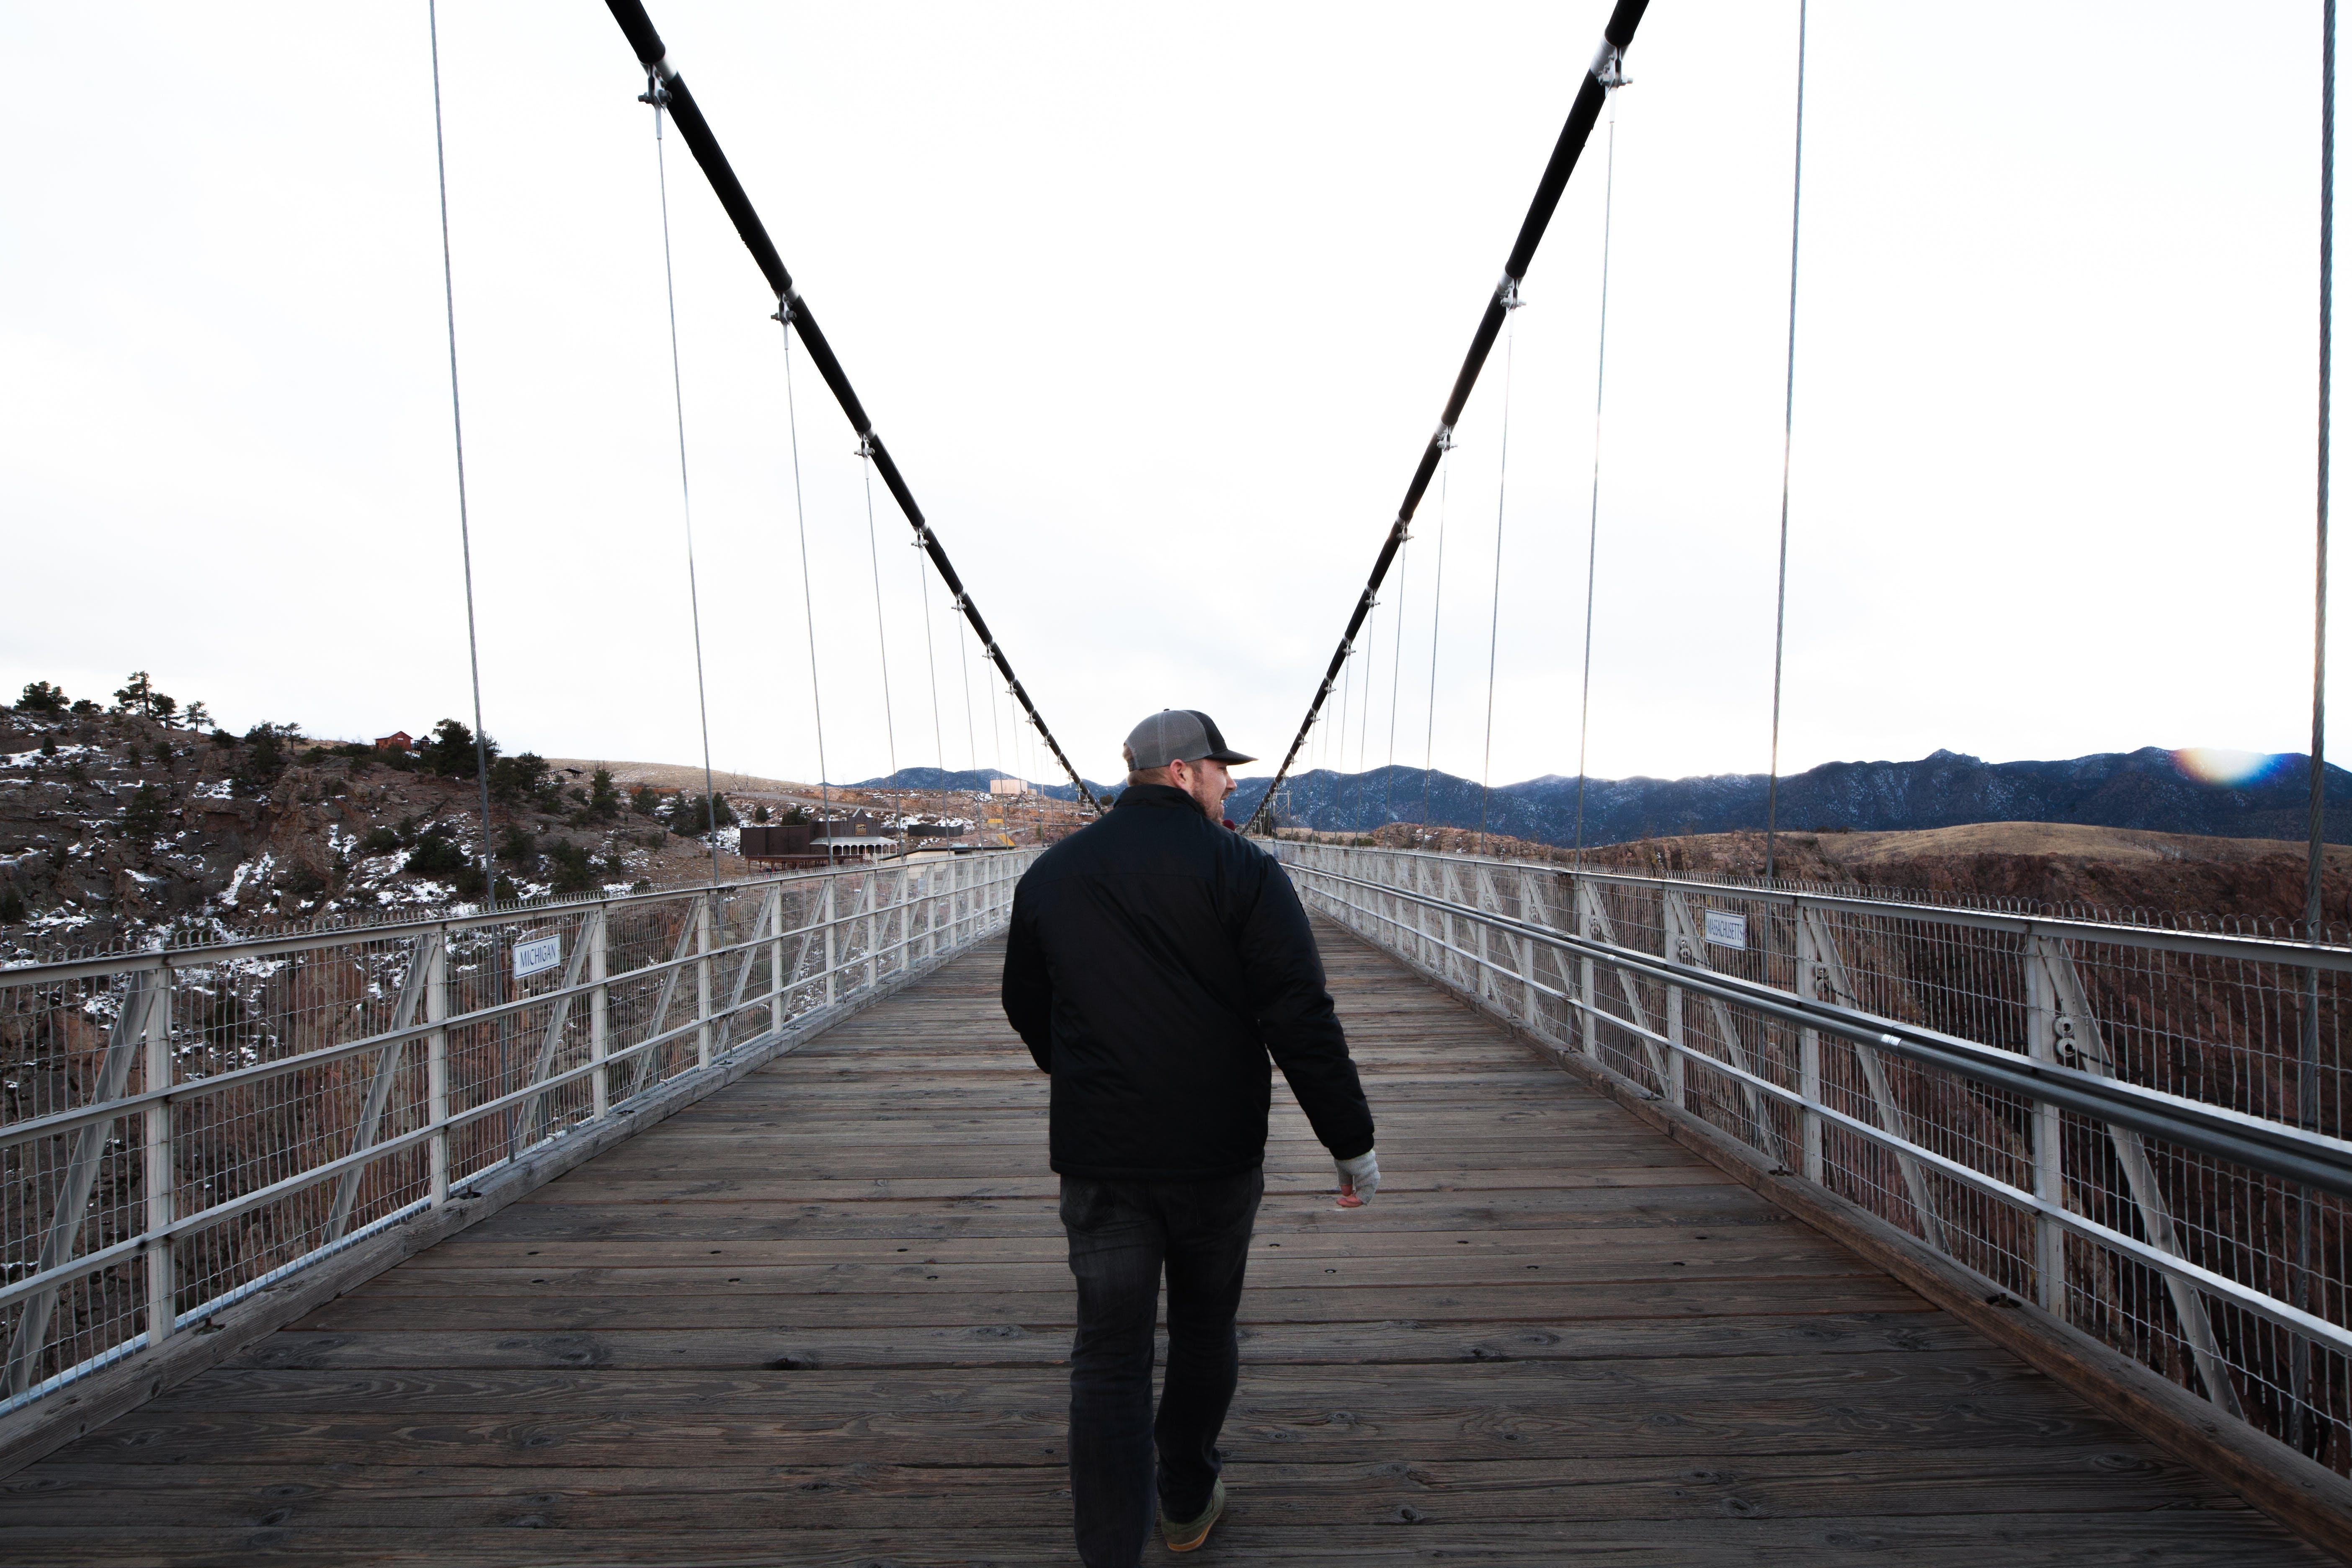 Man Wearing Cap Walking Along Bridge